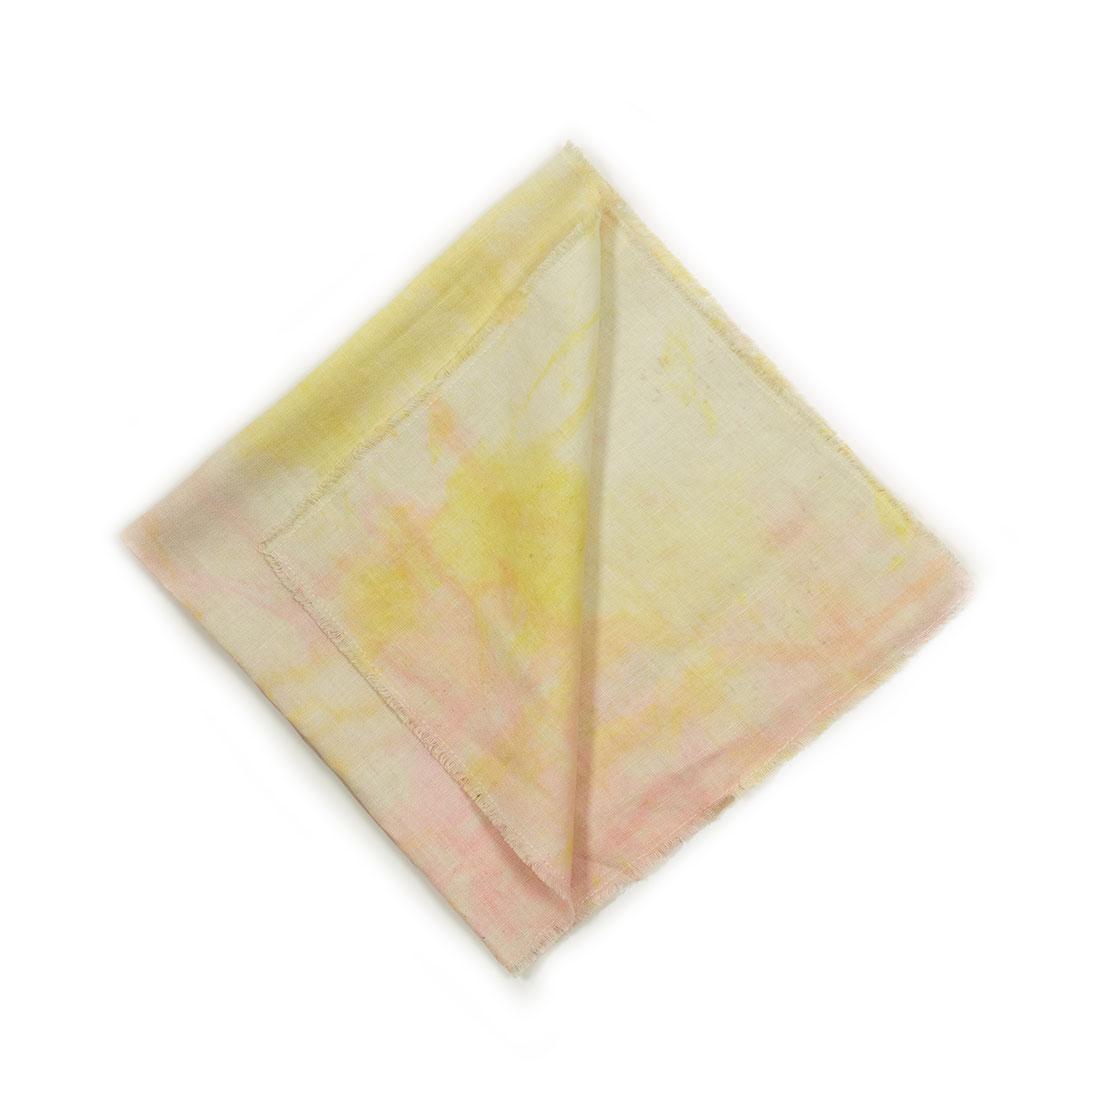 Aquarelle-Maison Hand-Dyed Napkin $36